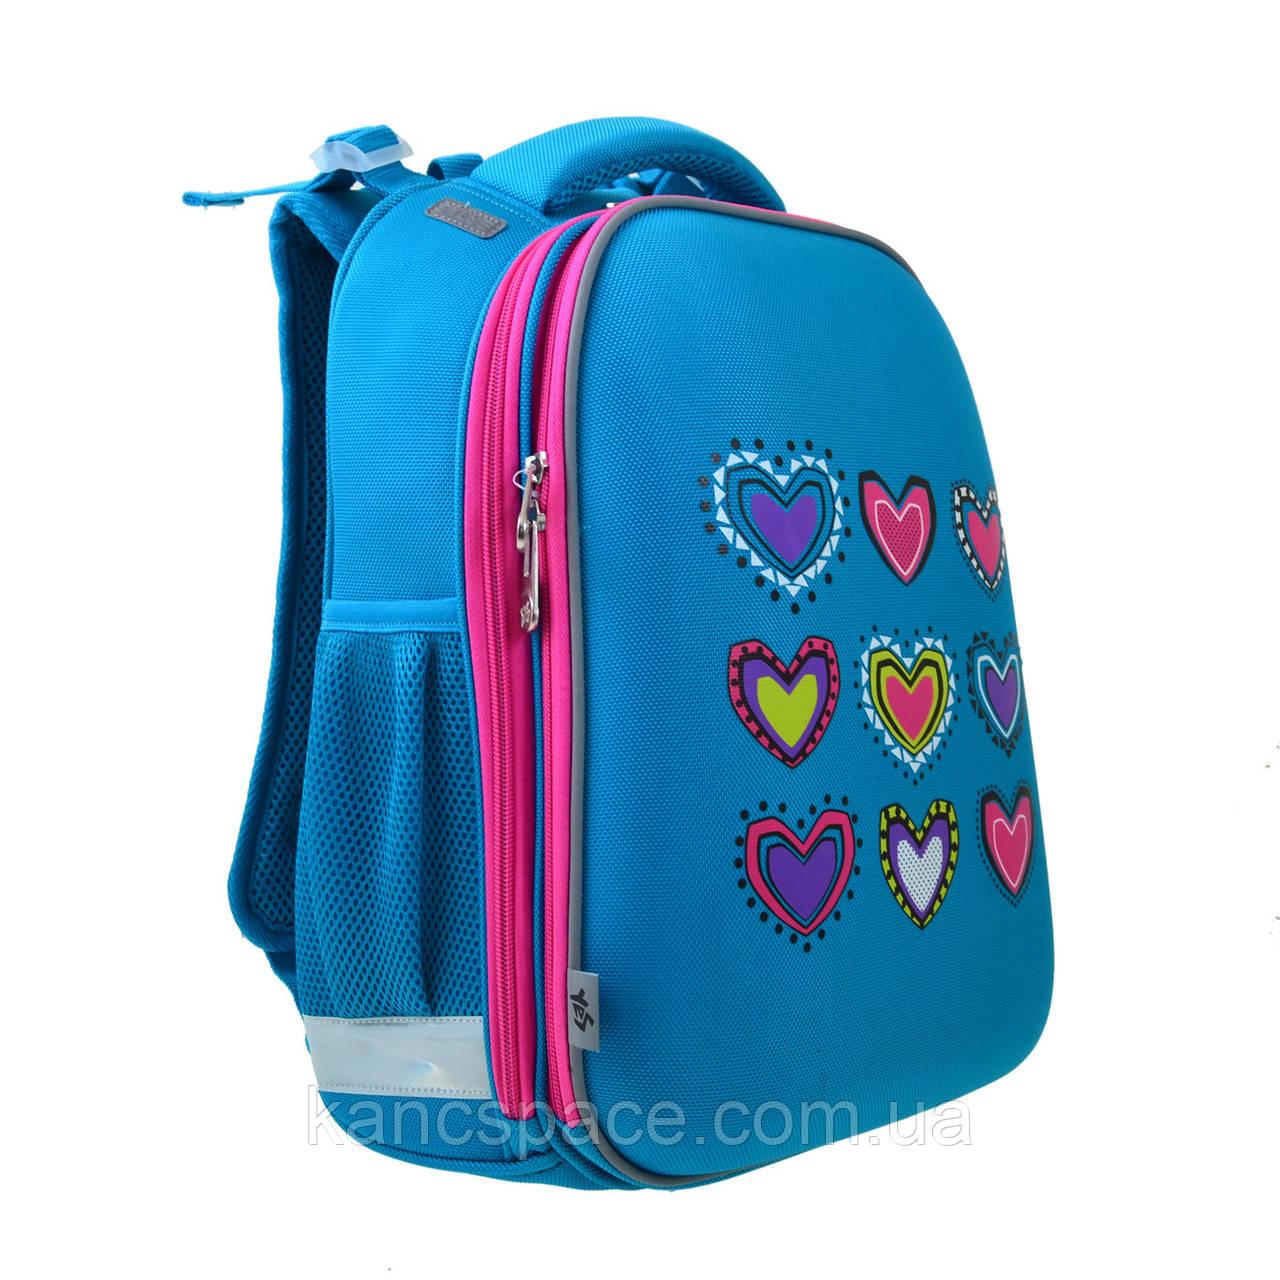 Рюкзак каркасний H-12-1 Hearts turquoise, 38*29*15